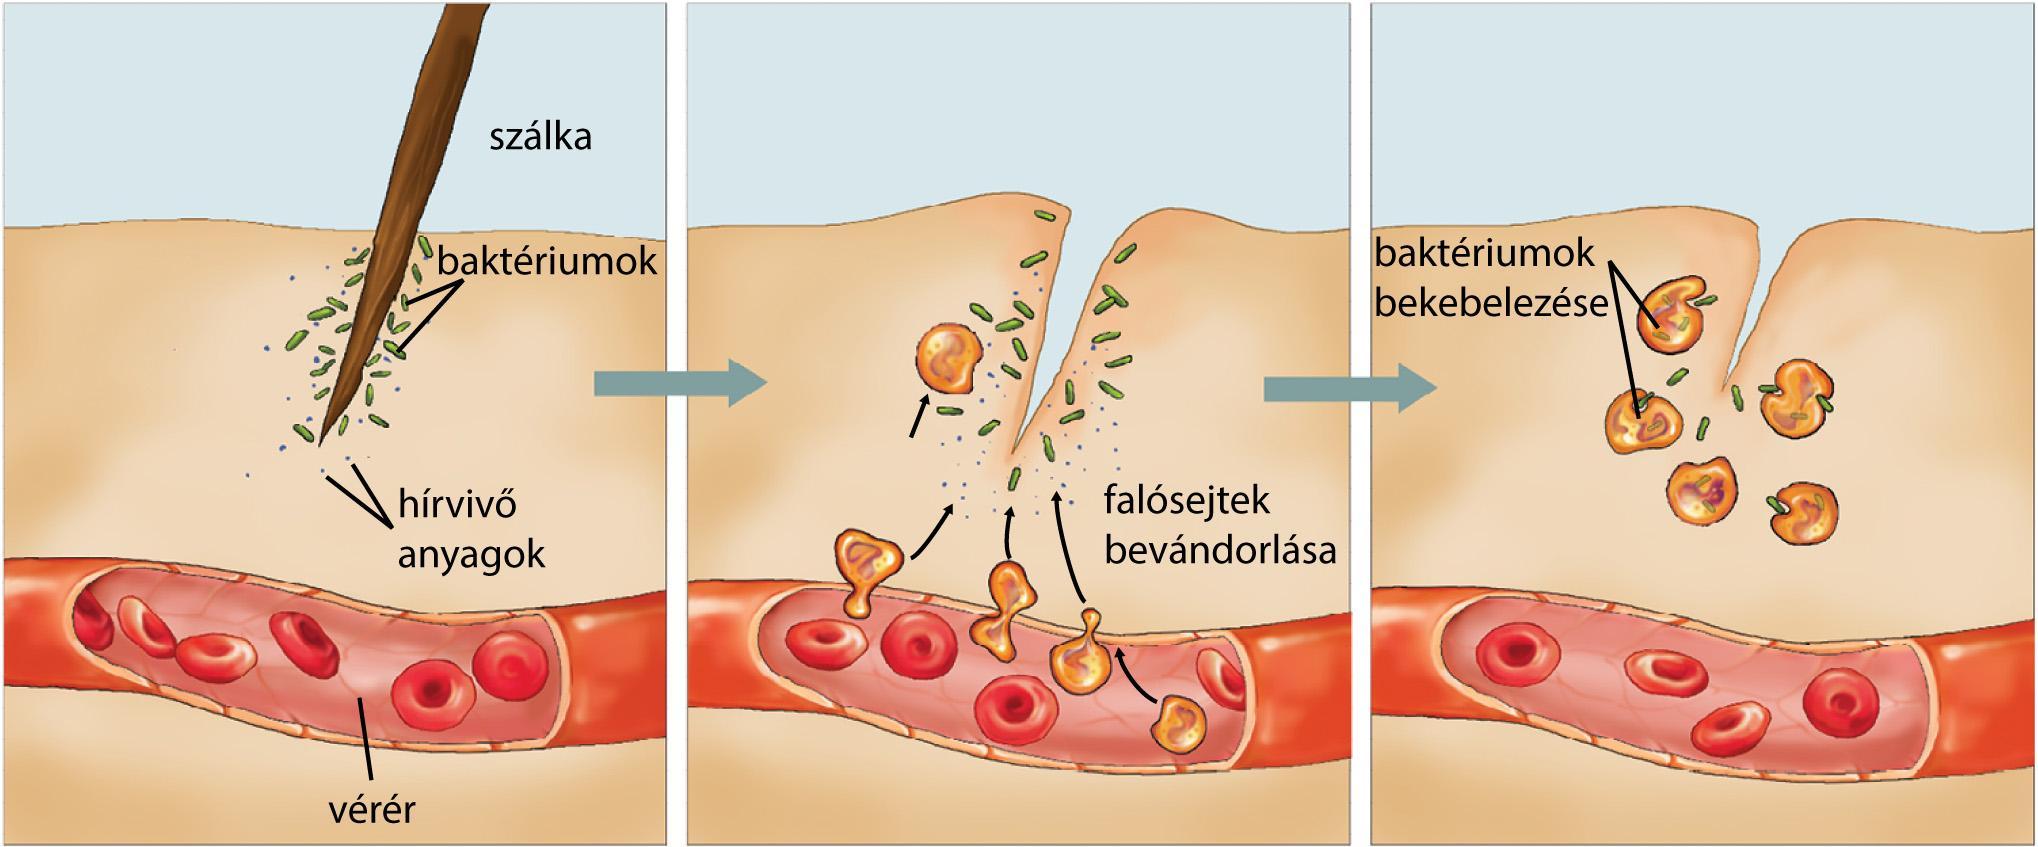 baktériumok, amelyek megtámadják a májat